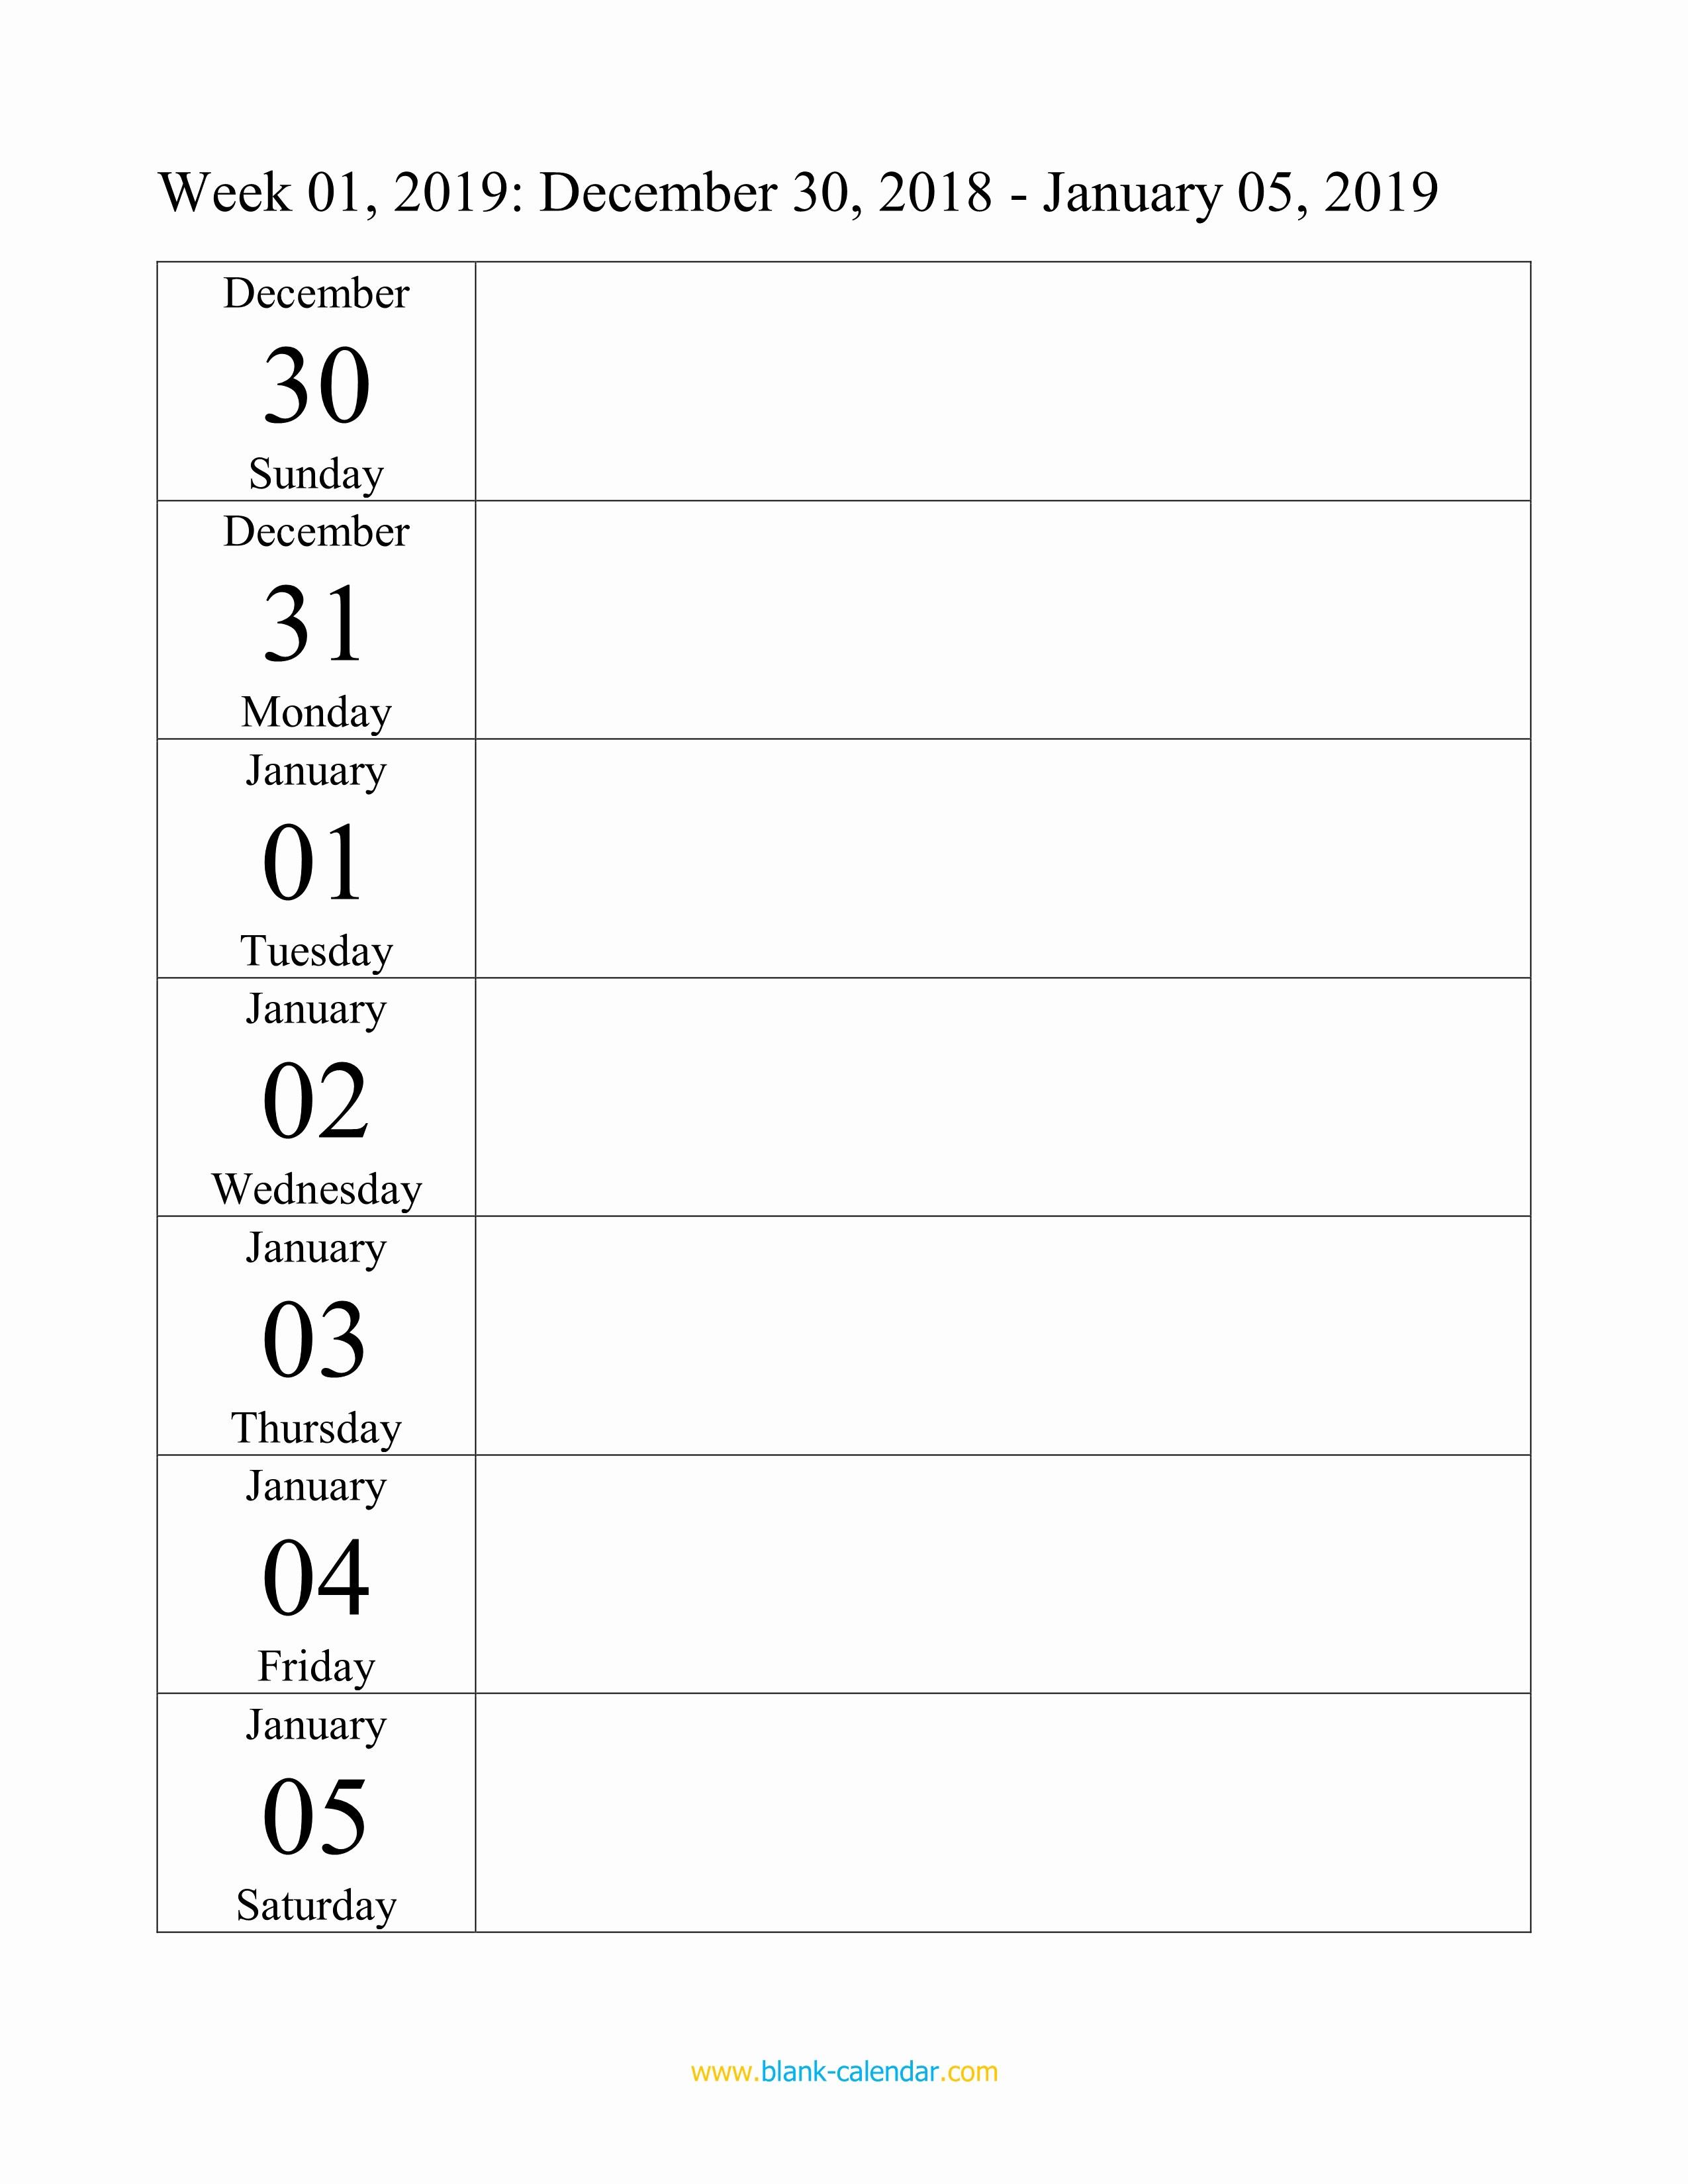 Free Printable Weekly Calendar 2019 Fresh Weekly Calendar 2019 Word Excel Pdf